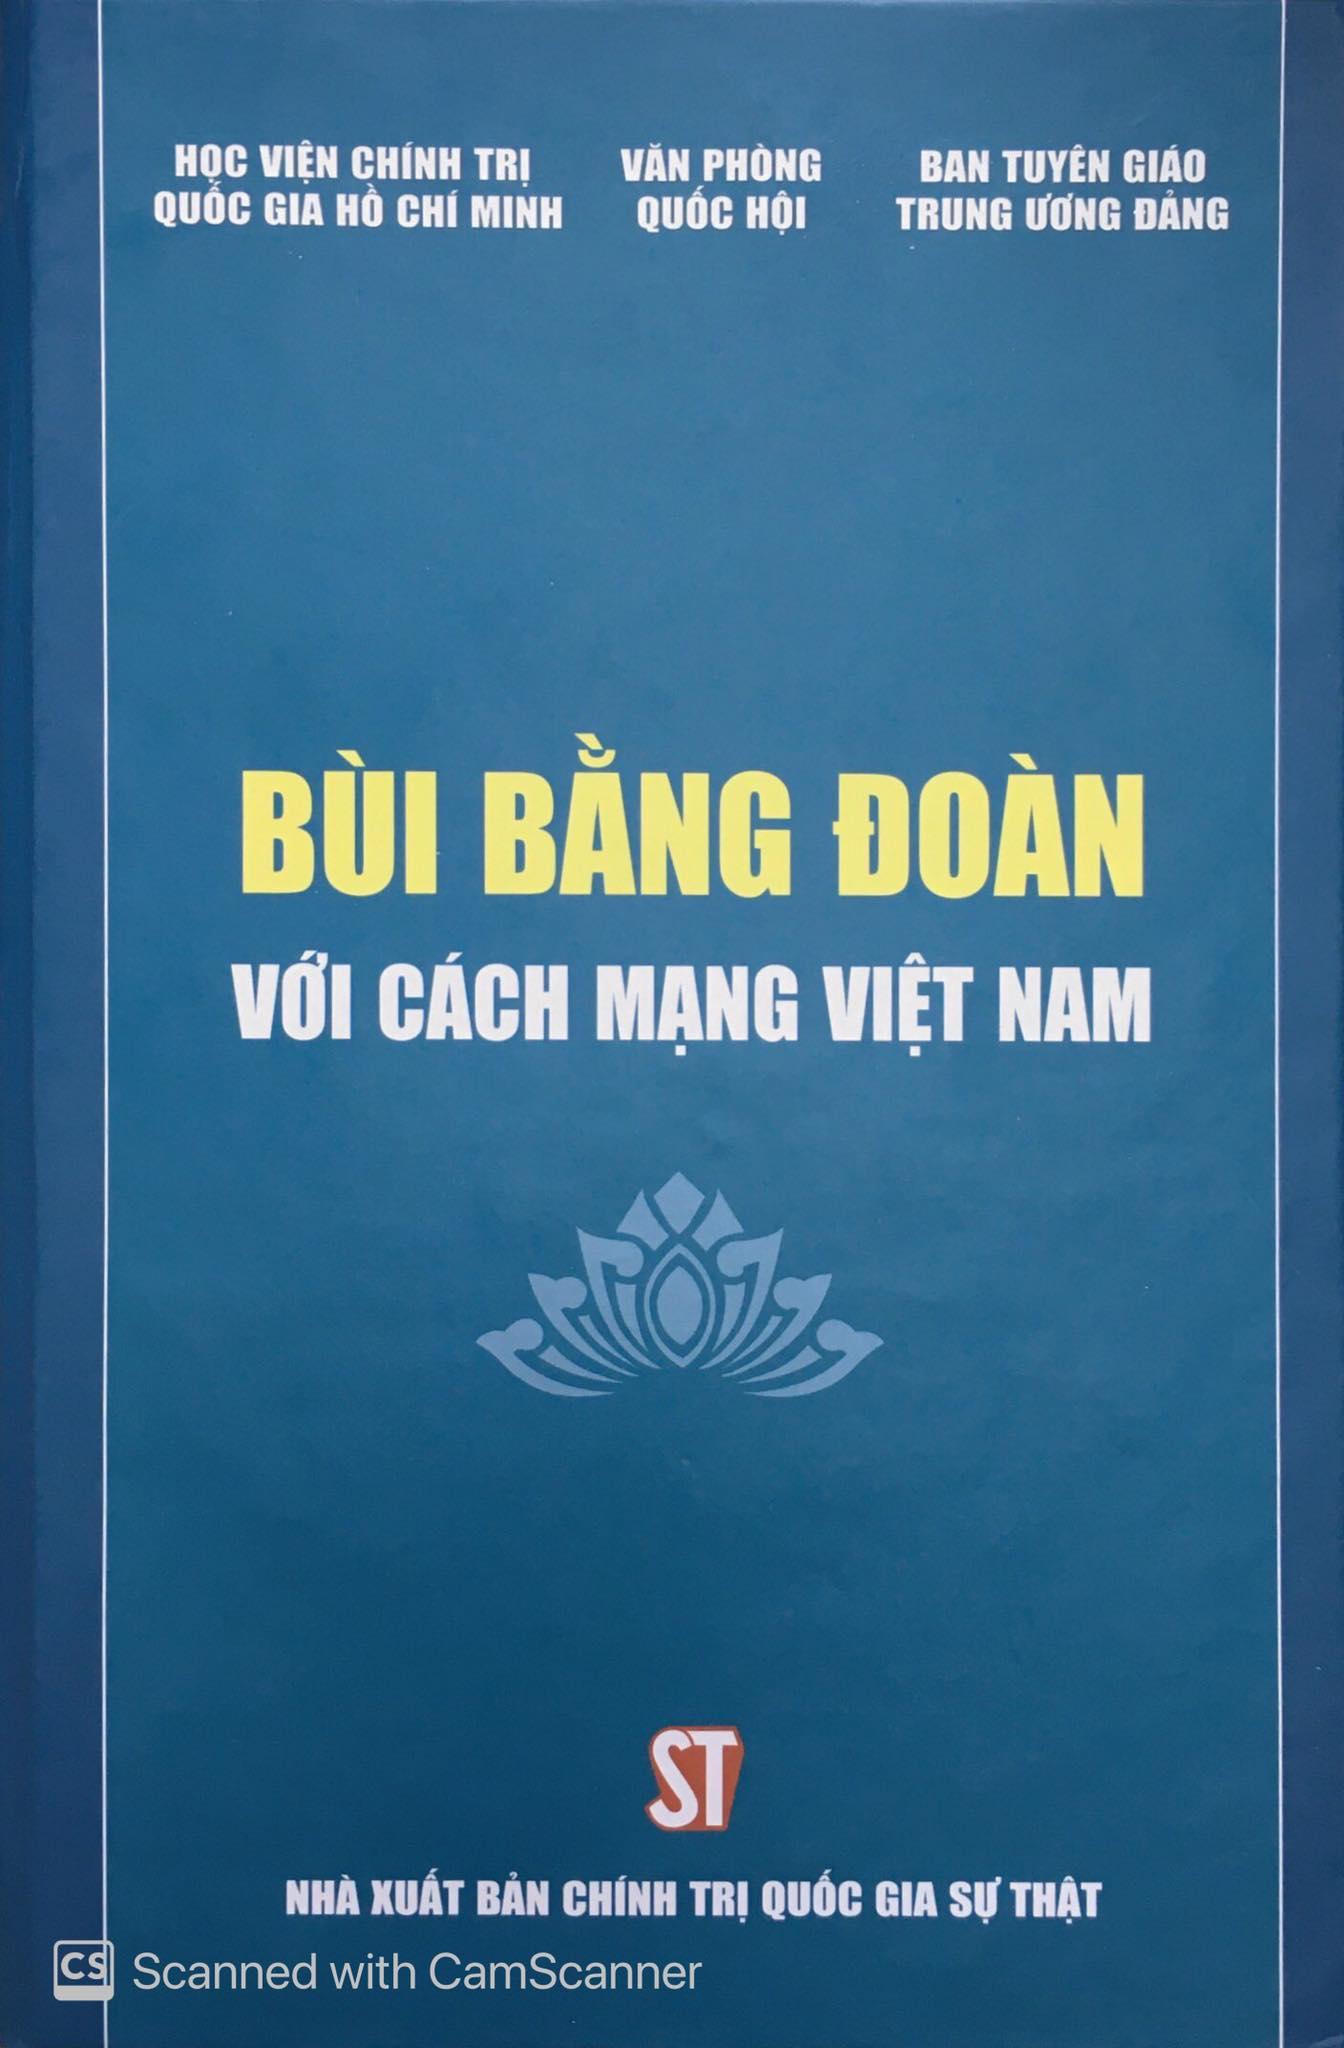 Bùi Bằng Đoàn với cách mạng Việt Nam